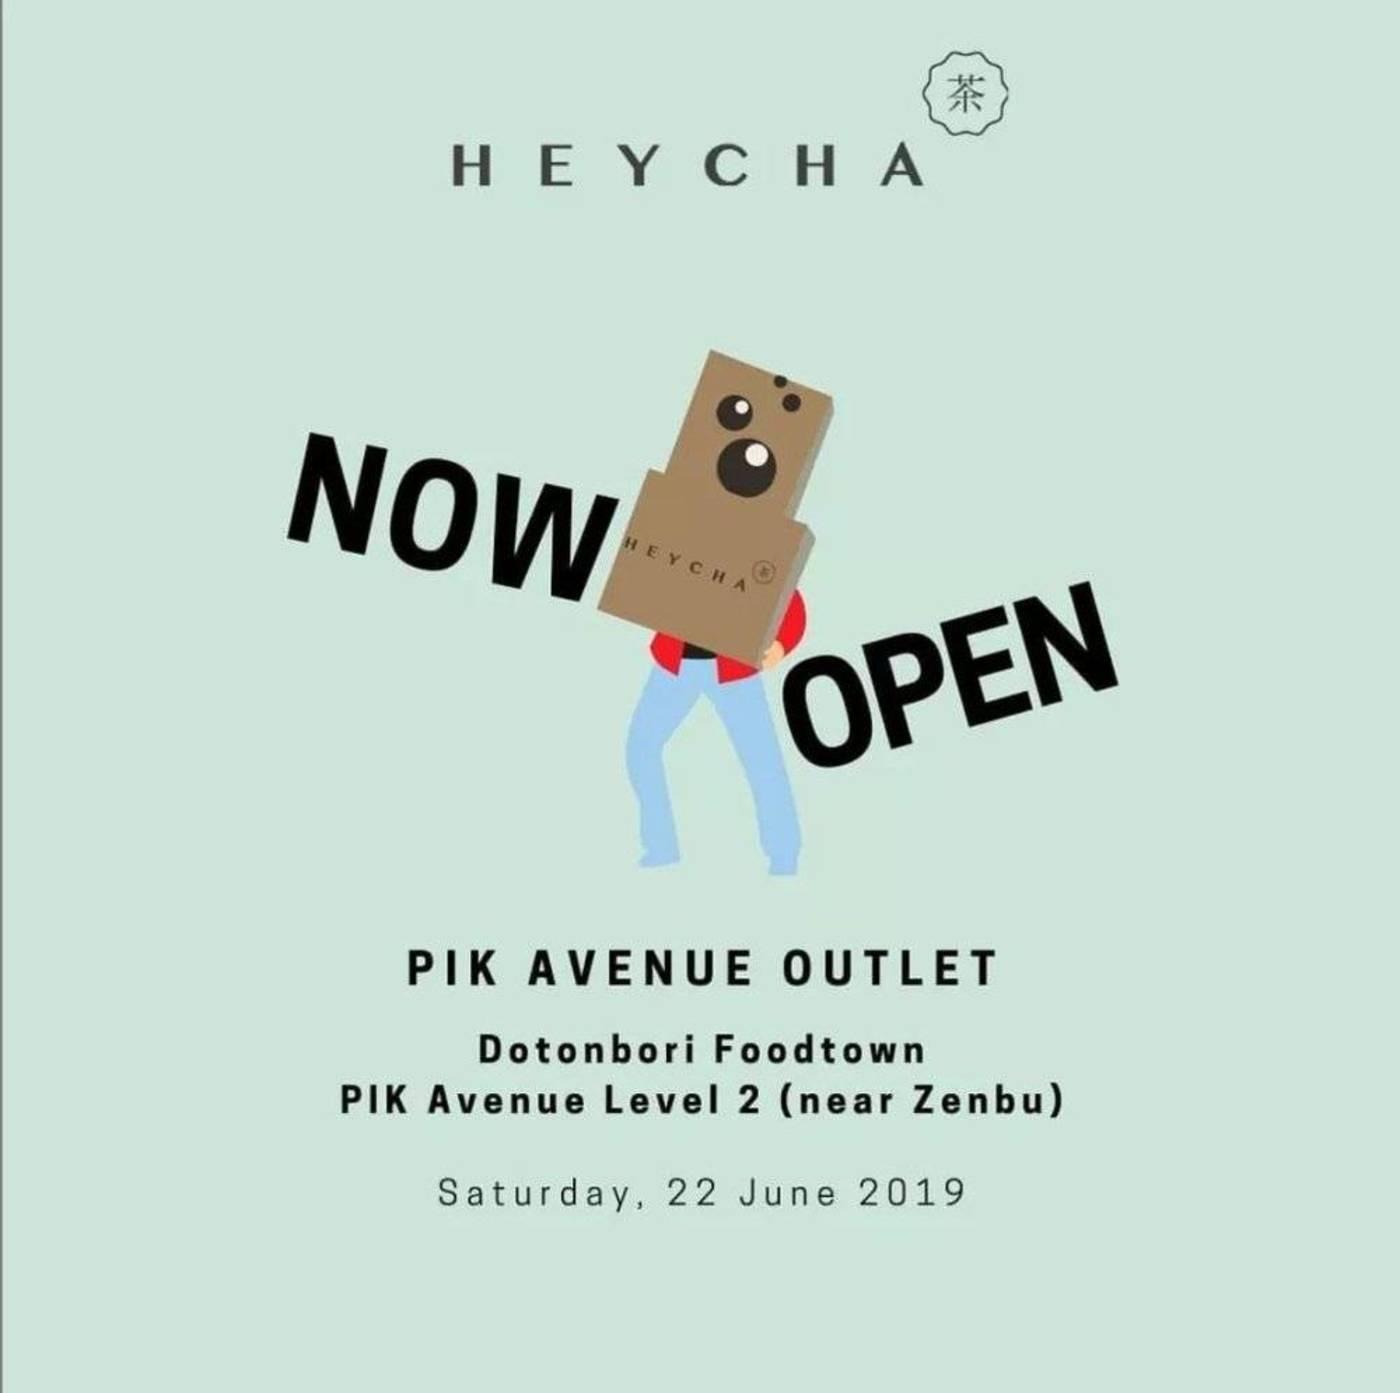 就在6月22日,它又在雅加达的另一个商圈PIK Avenue开了第二家店。